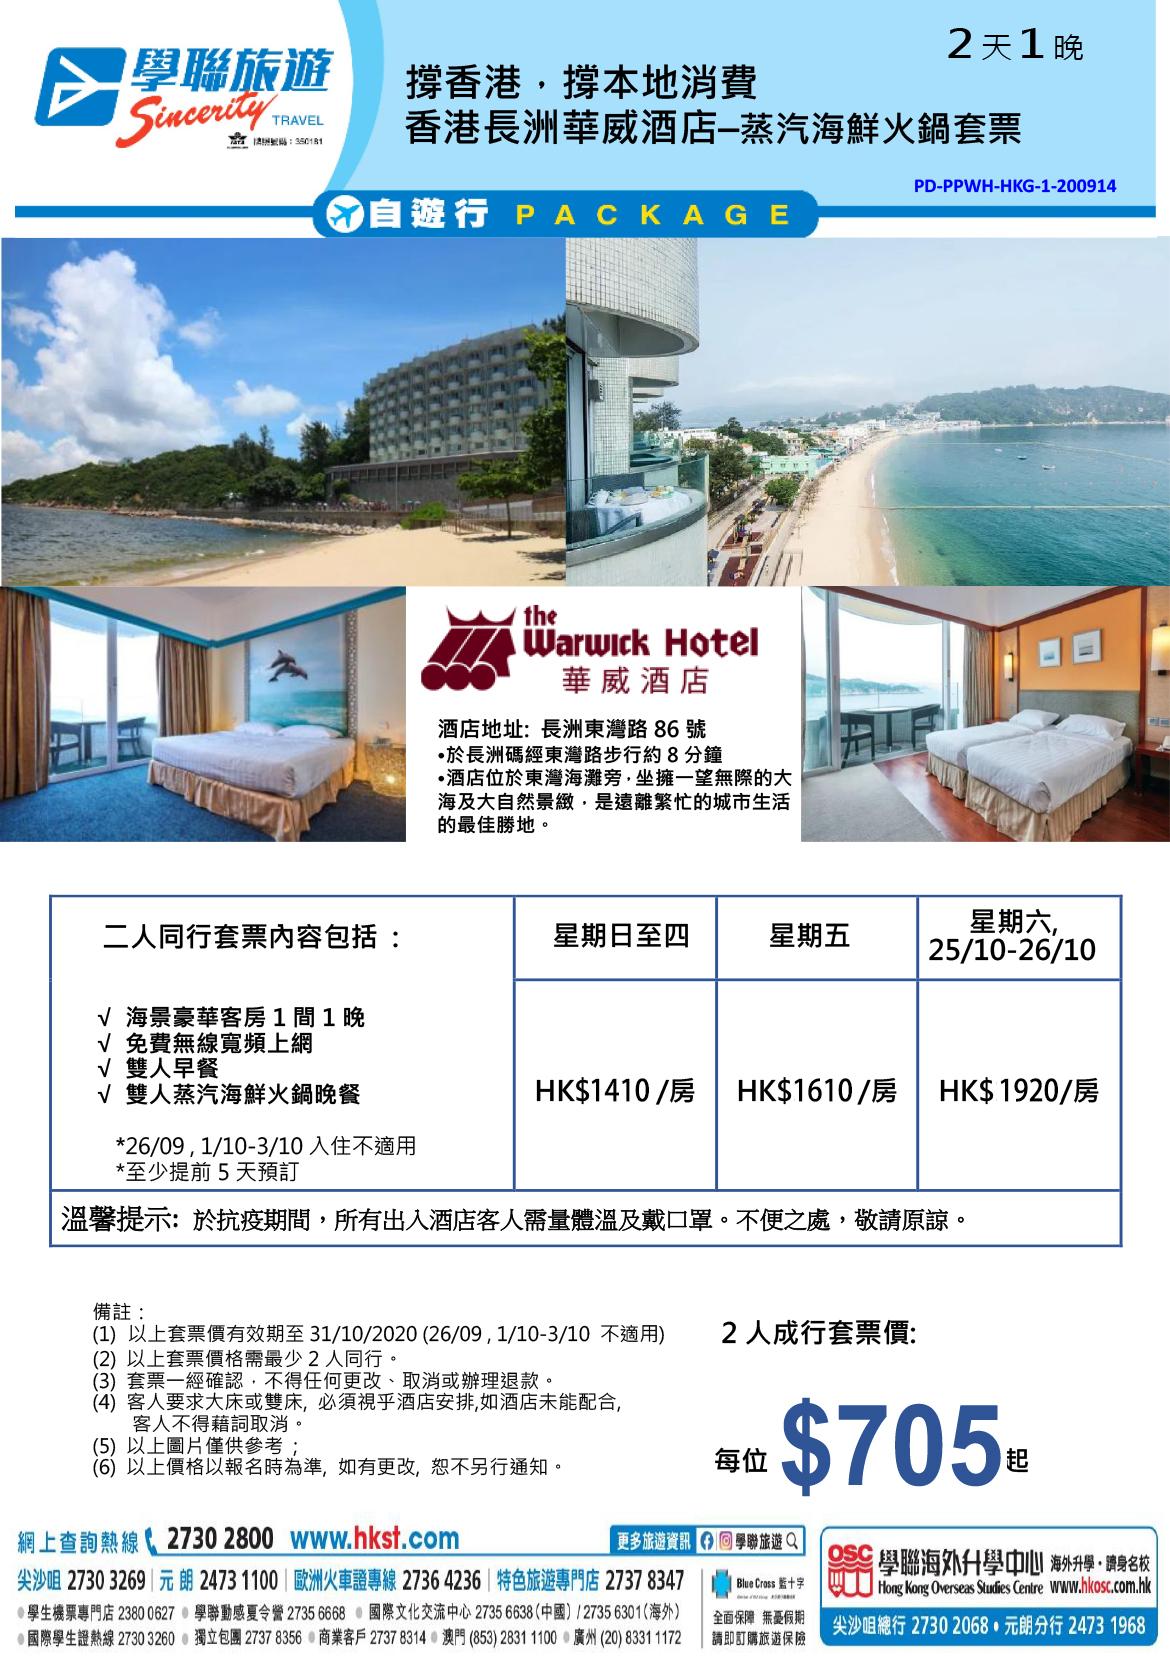 香港長洲華威酒店–蒸汽海鮮火鍋2天1晚套票 - PPWH